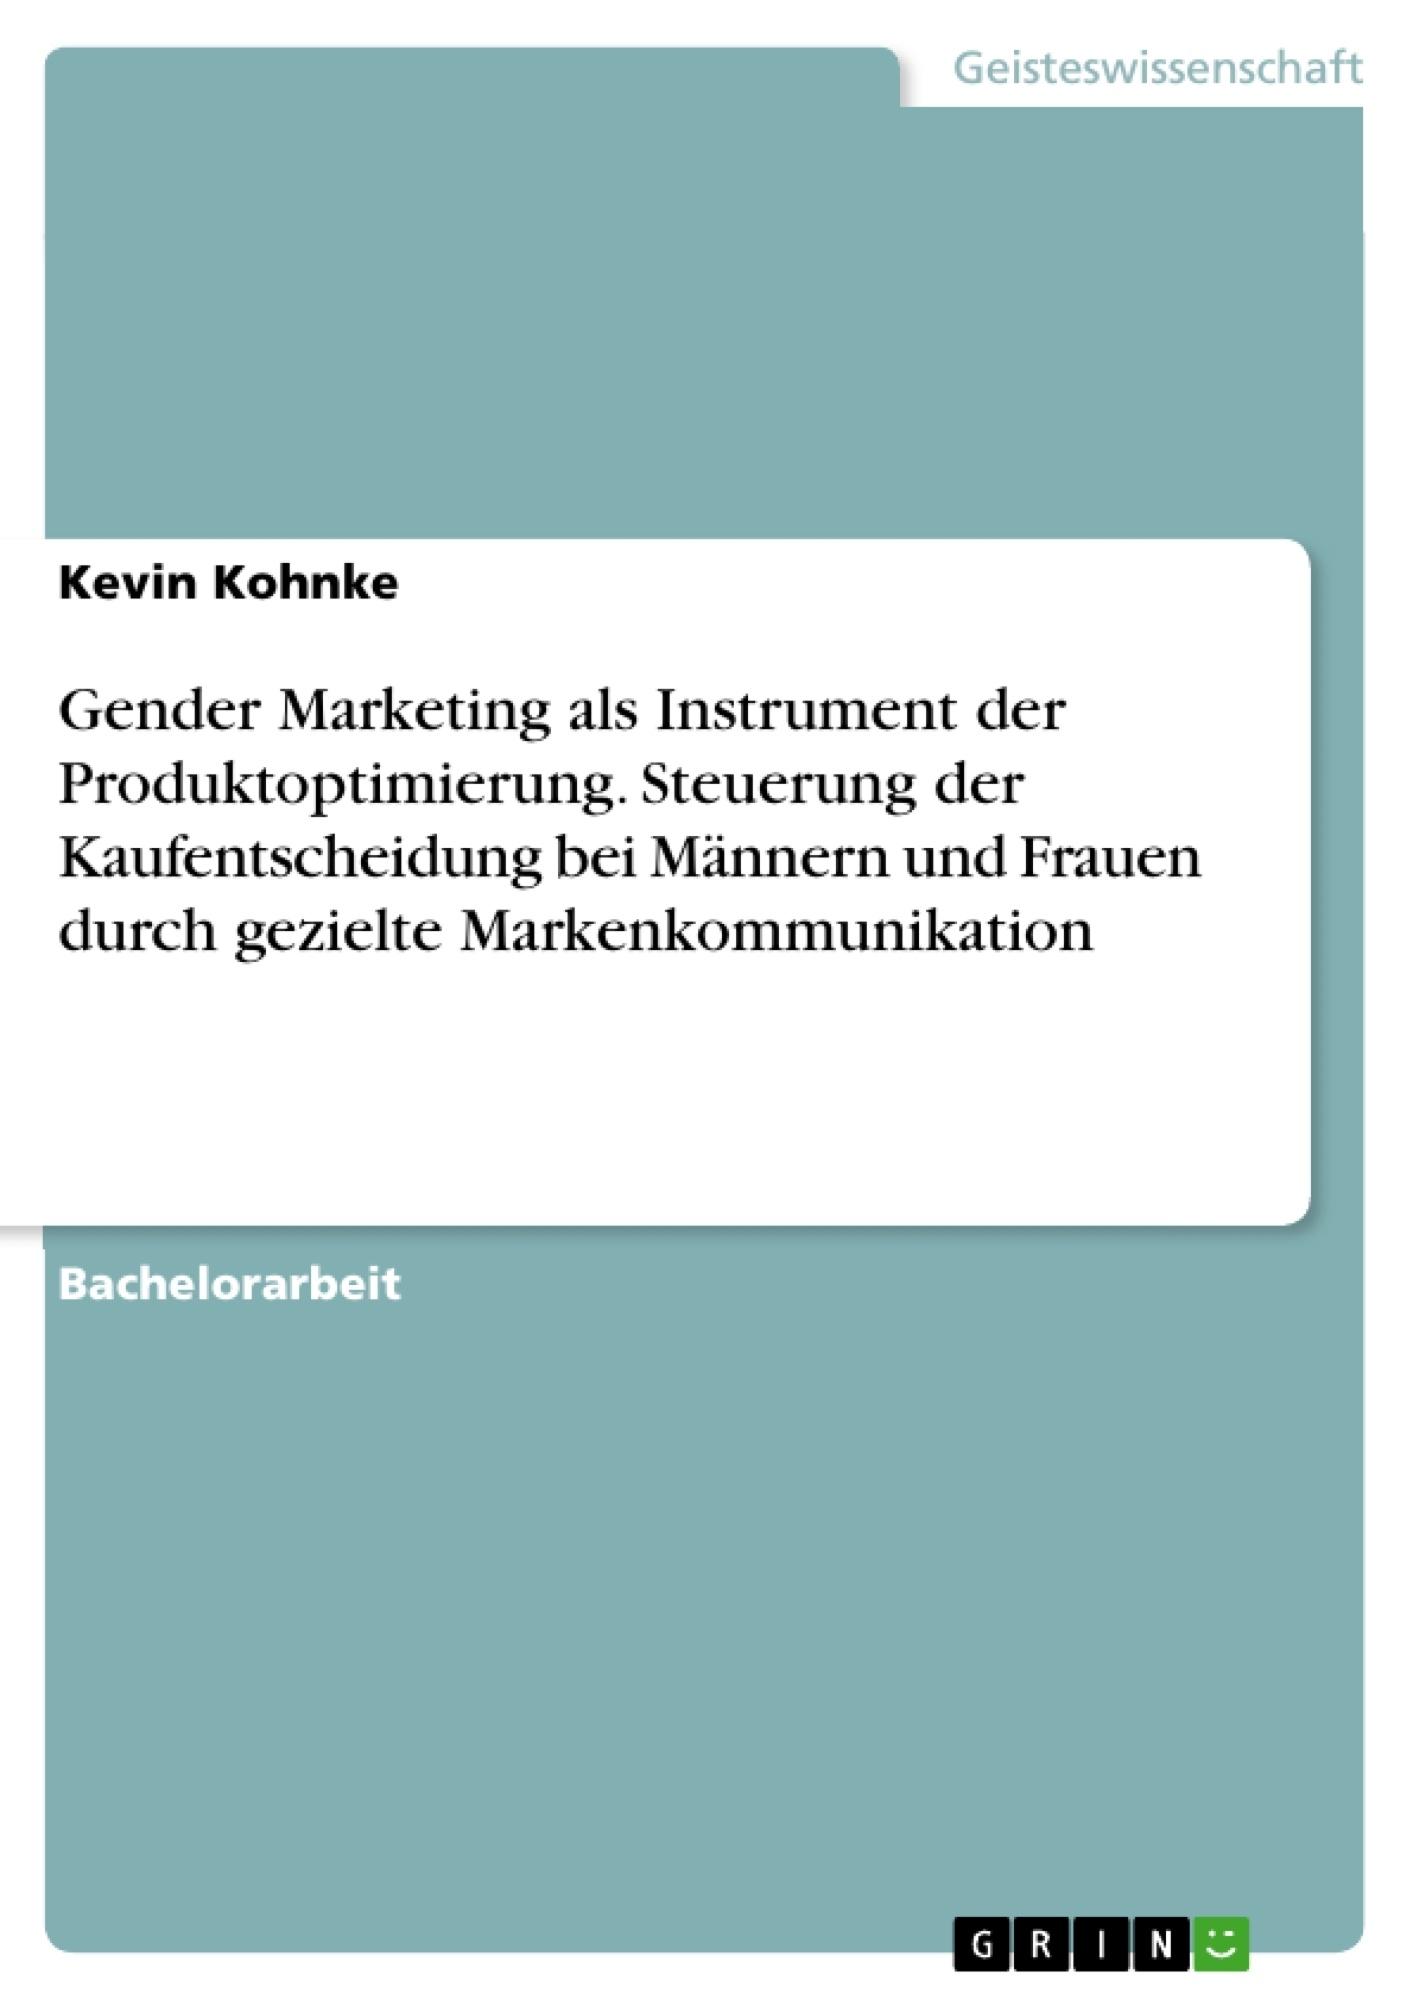 Titel: Gender Marketing als Instrument der Produktoptimierung. Steuerung der Kaufentscheidung bei Männern und Frauen durch gezielte Markenkommunikation